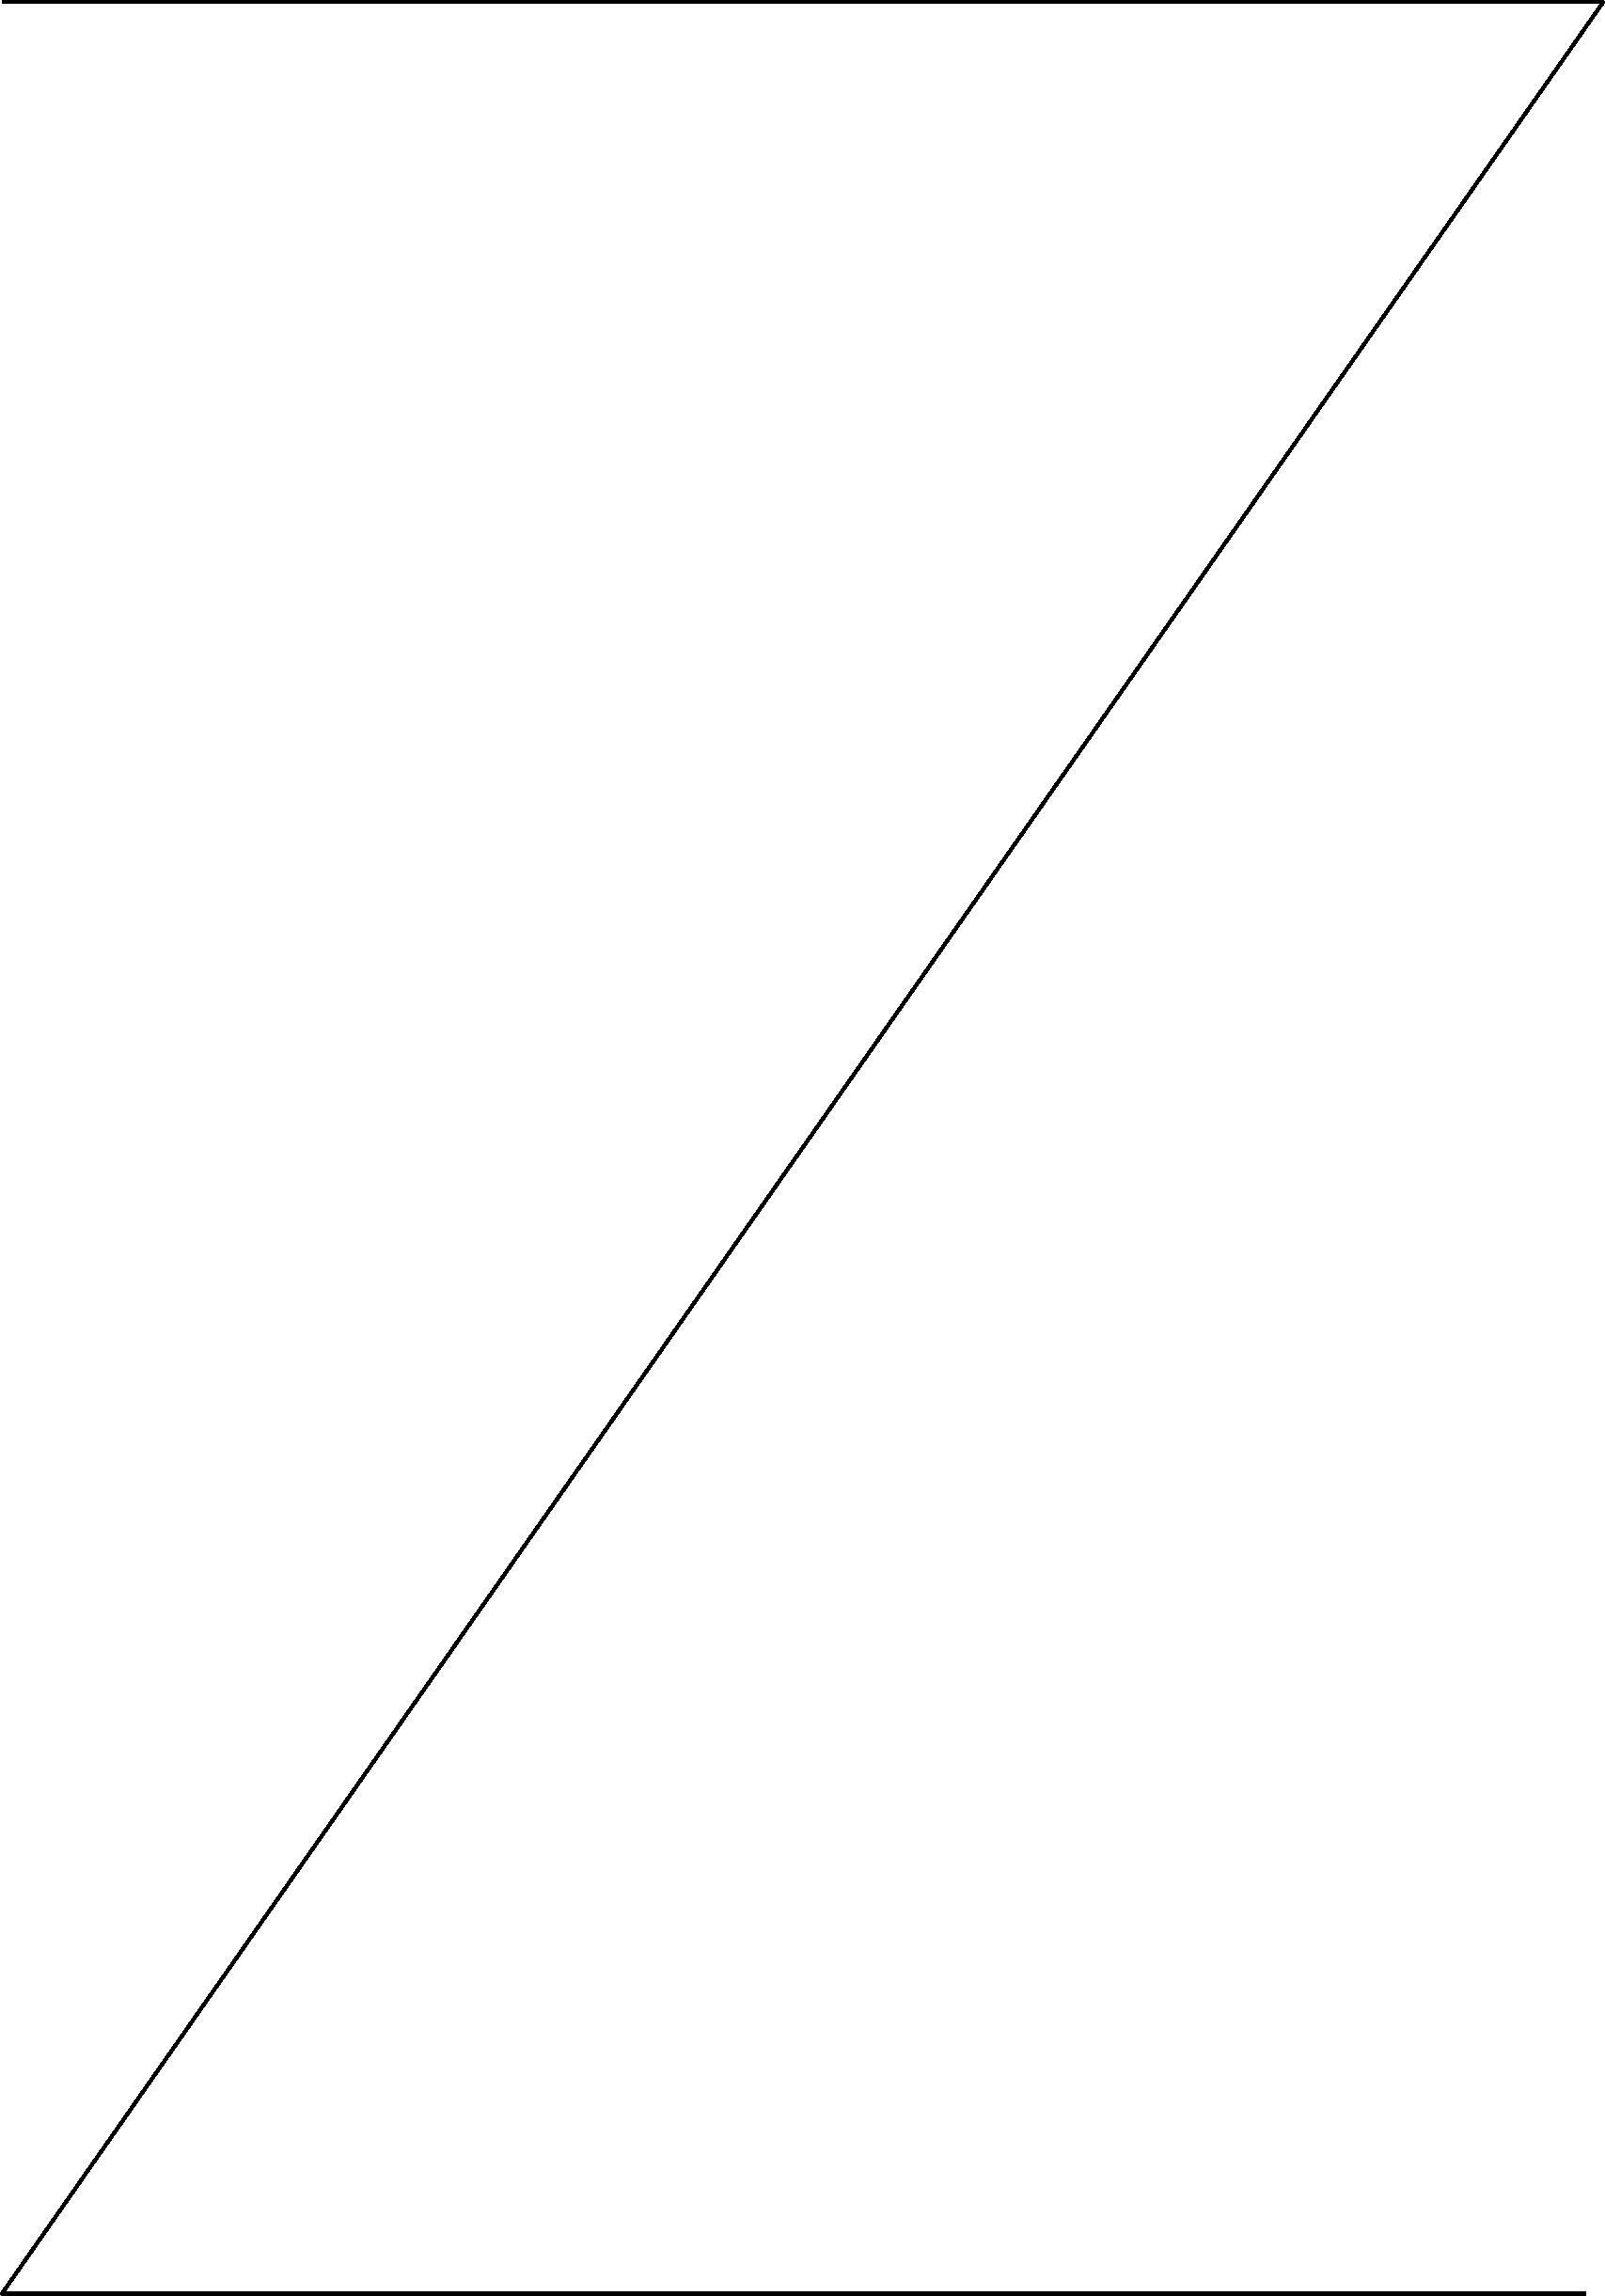 Figure AU2015364404B2_D0001